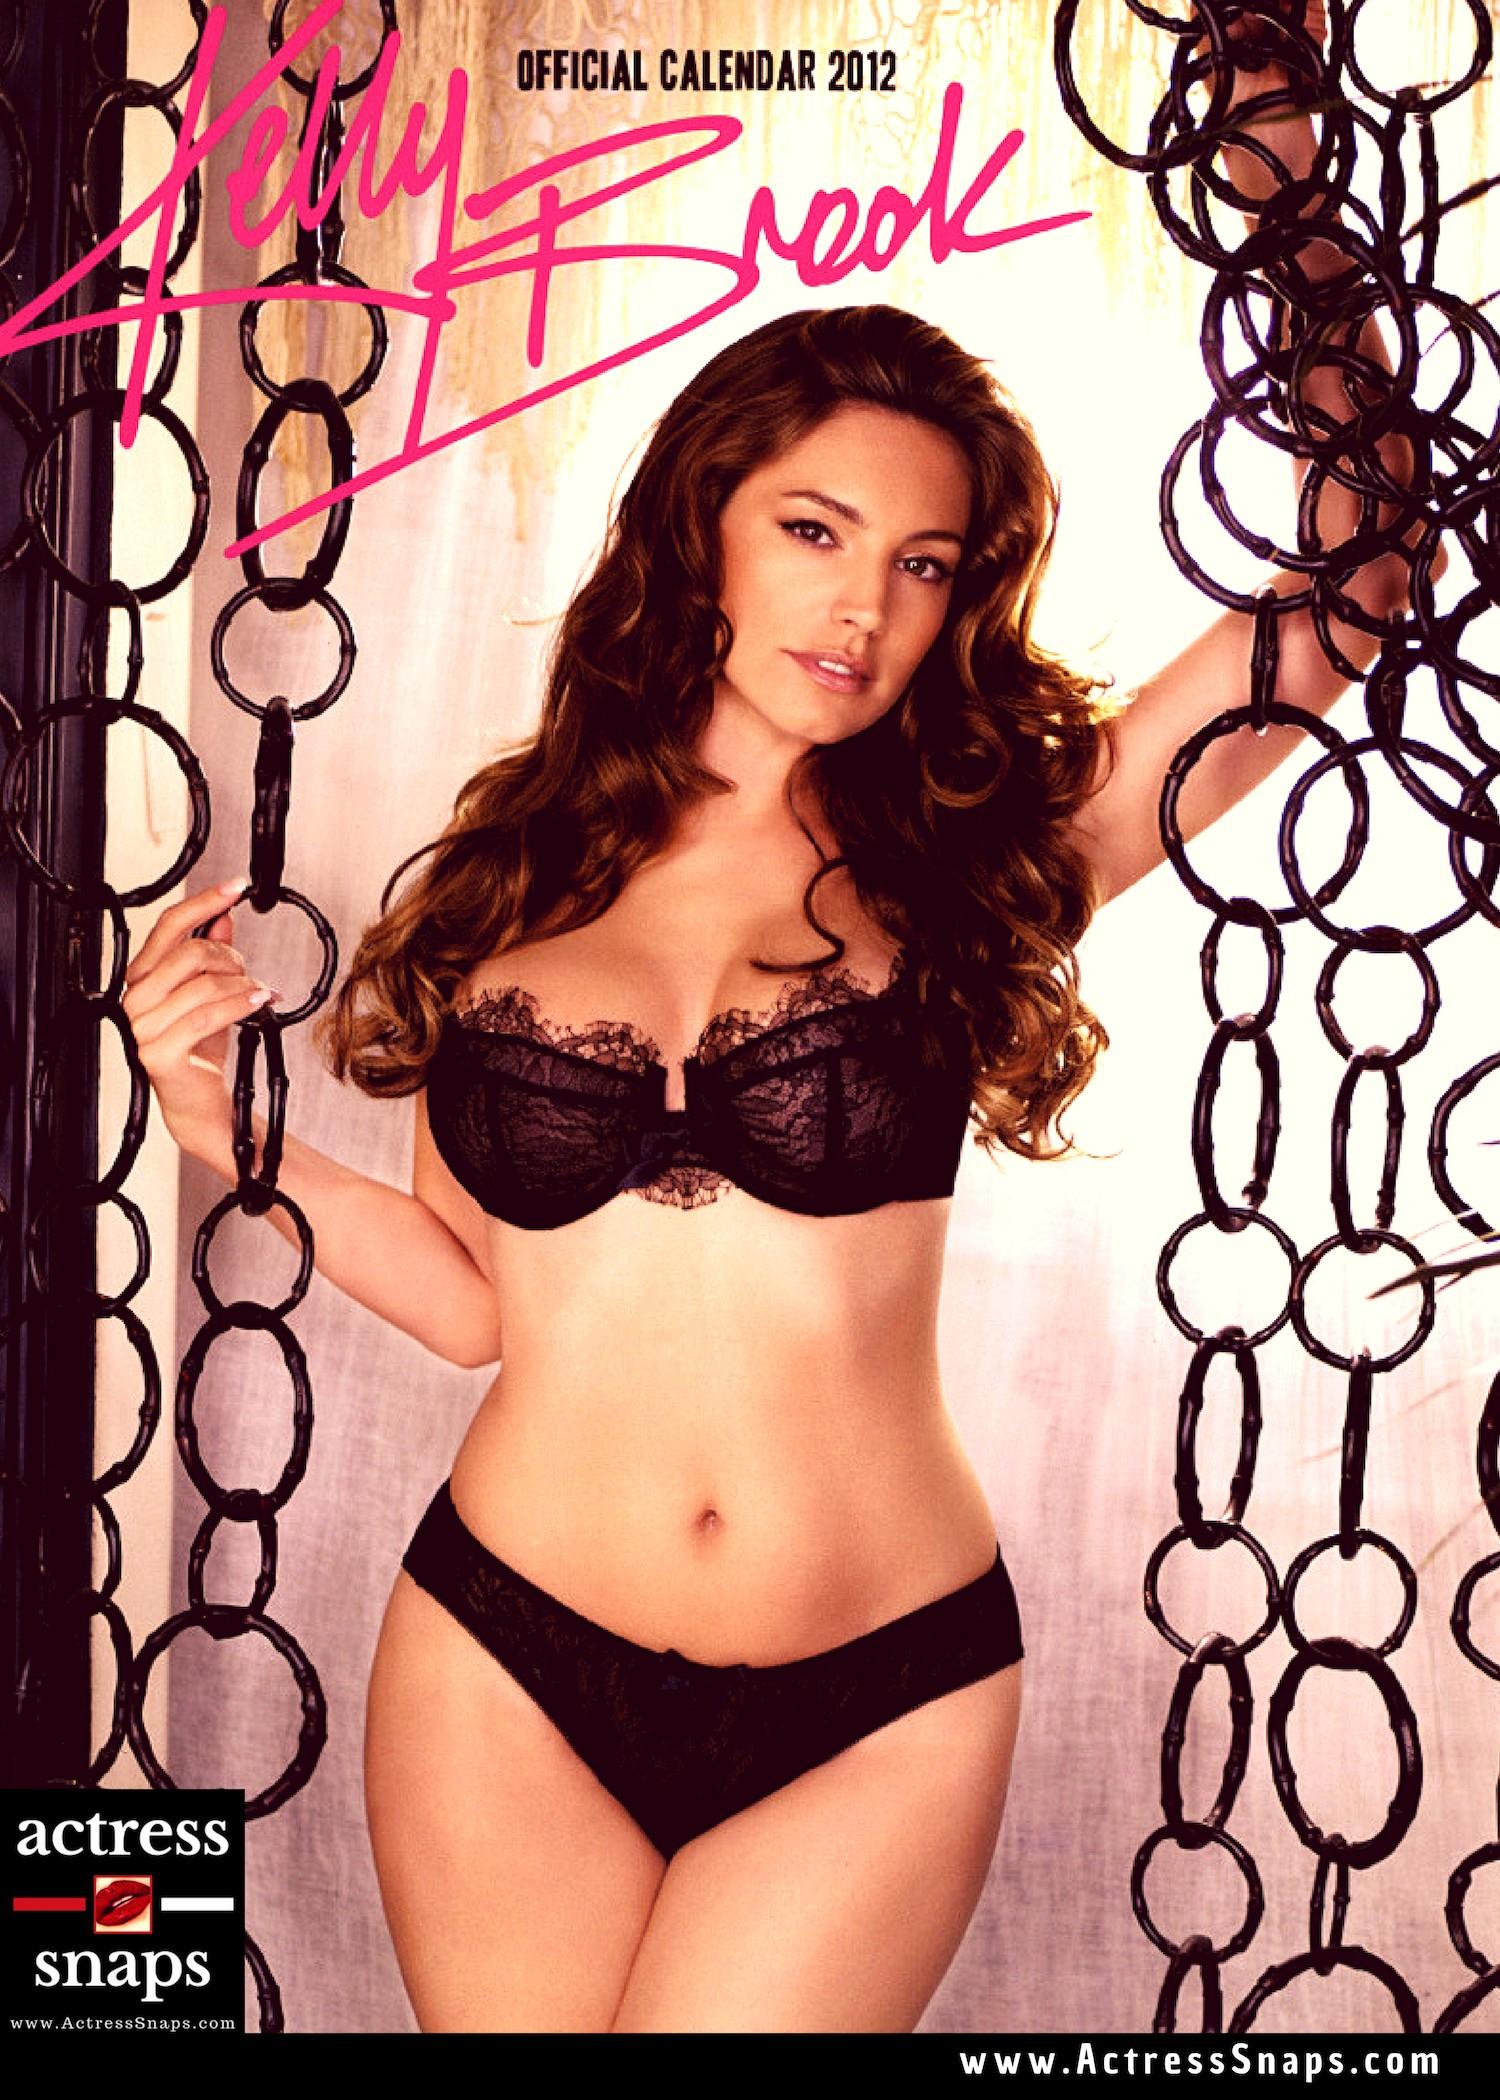 Kelly Brook - 2012 Calendar Photos - Sexy Actress Pictures | Hot Actress Pictures - ActressSnaps.com